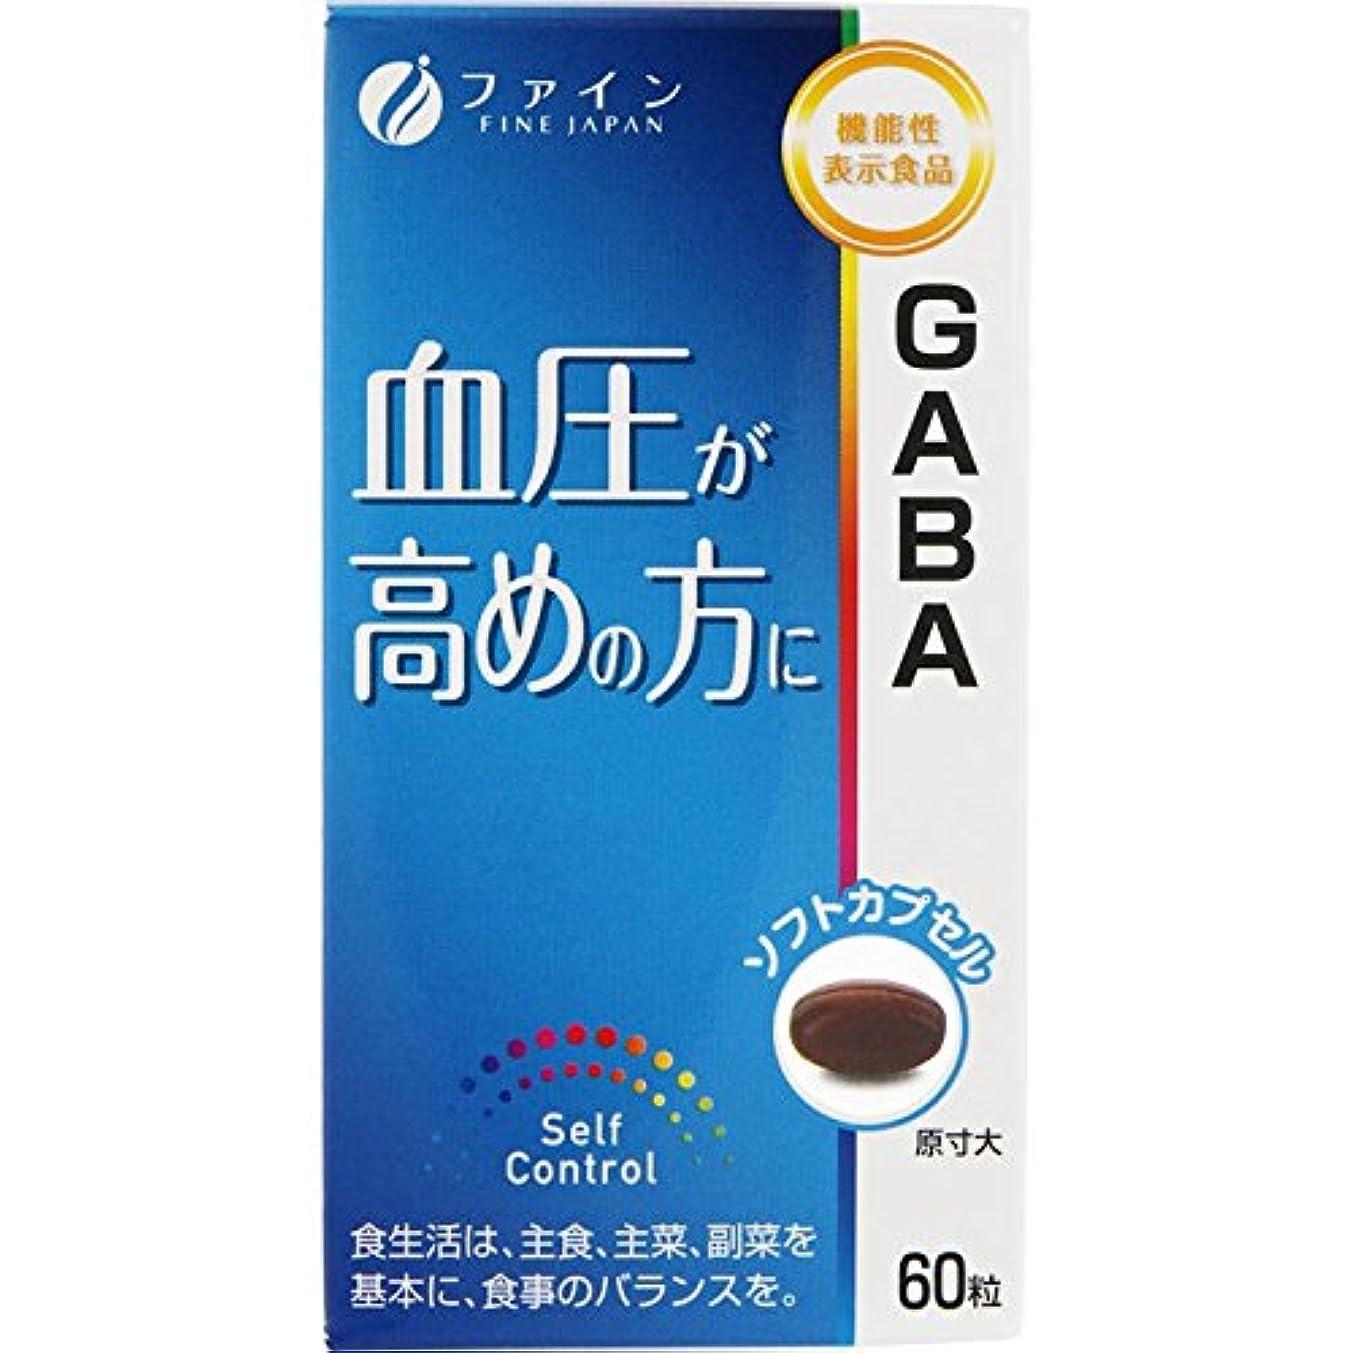 パーク傑作やりがいのあるファイン 機能性表示食品 GABA 27g(450mg×60粒)